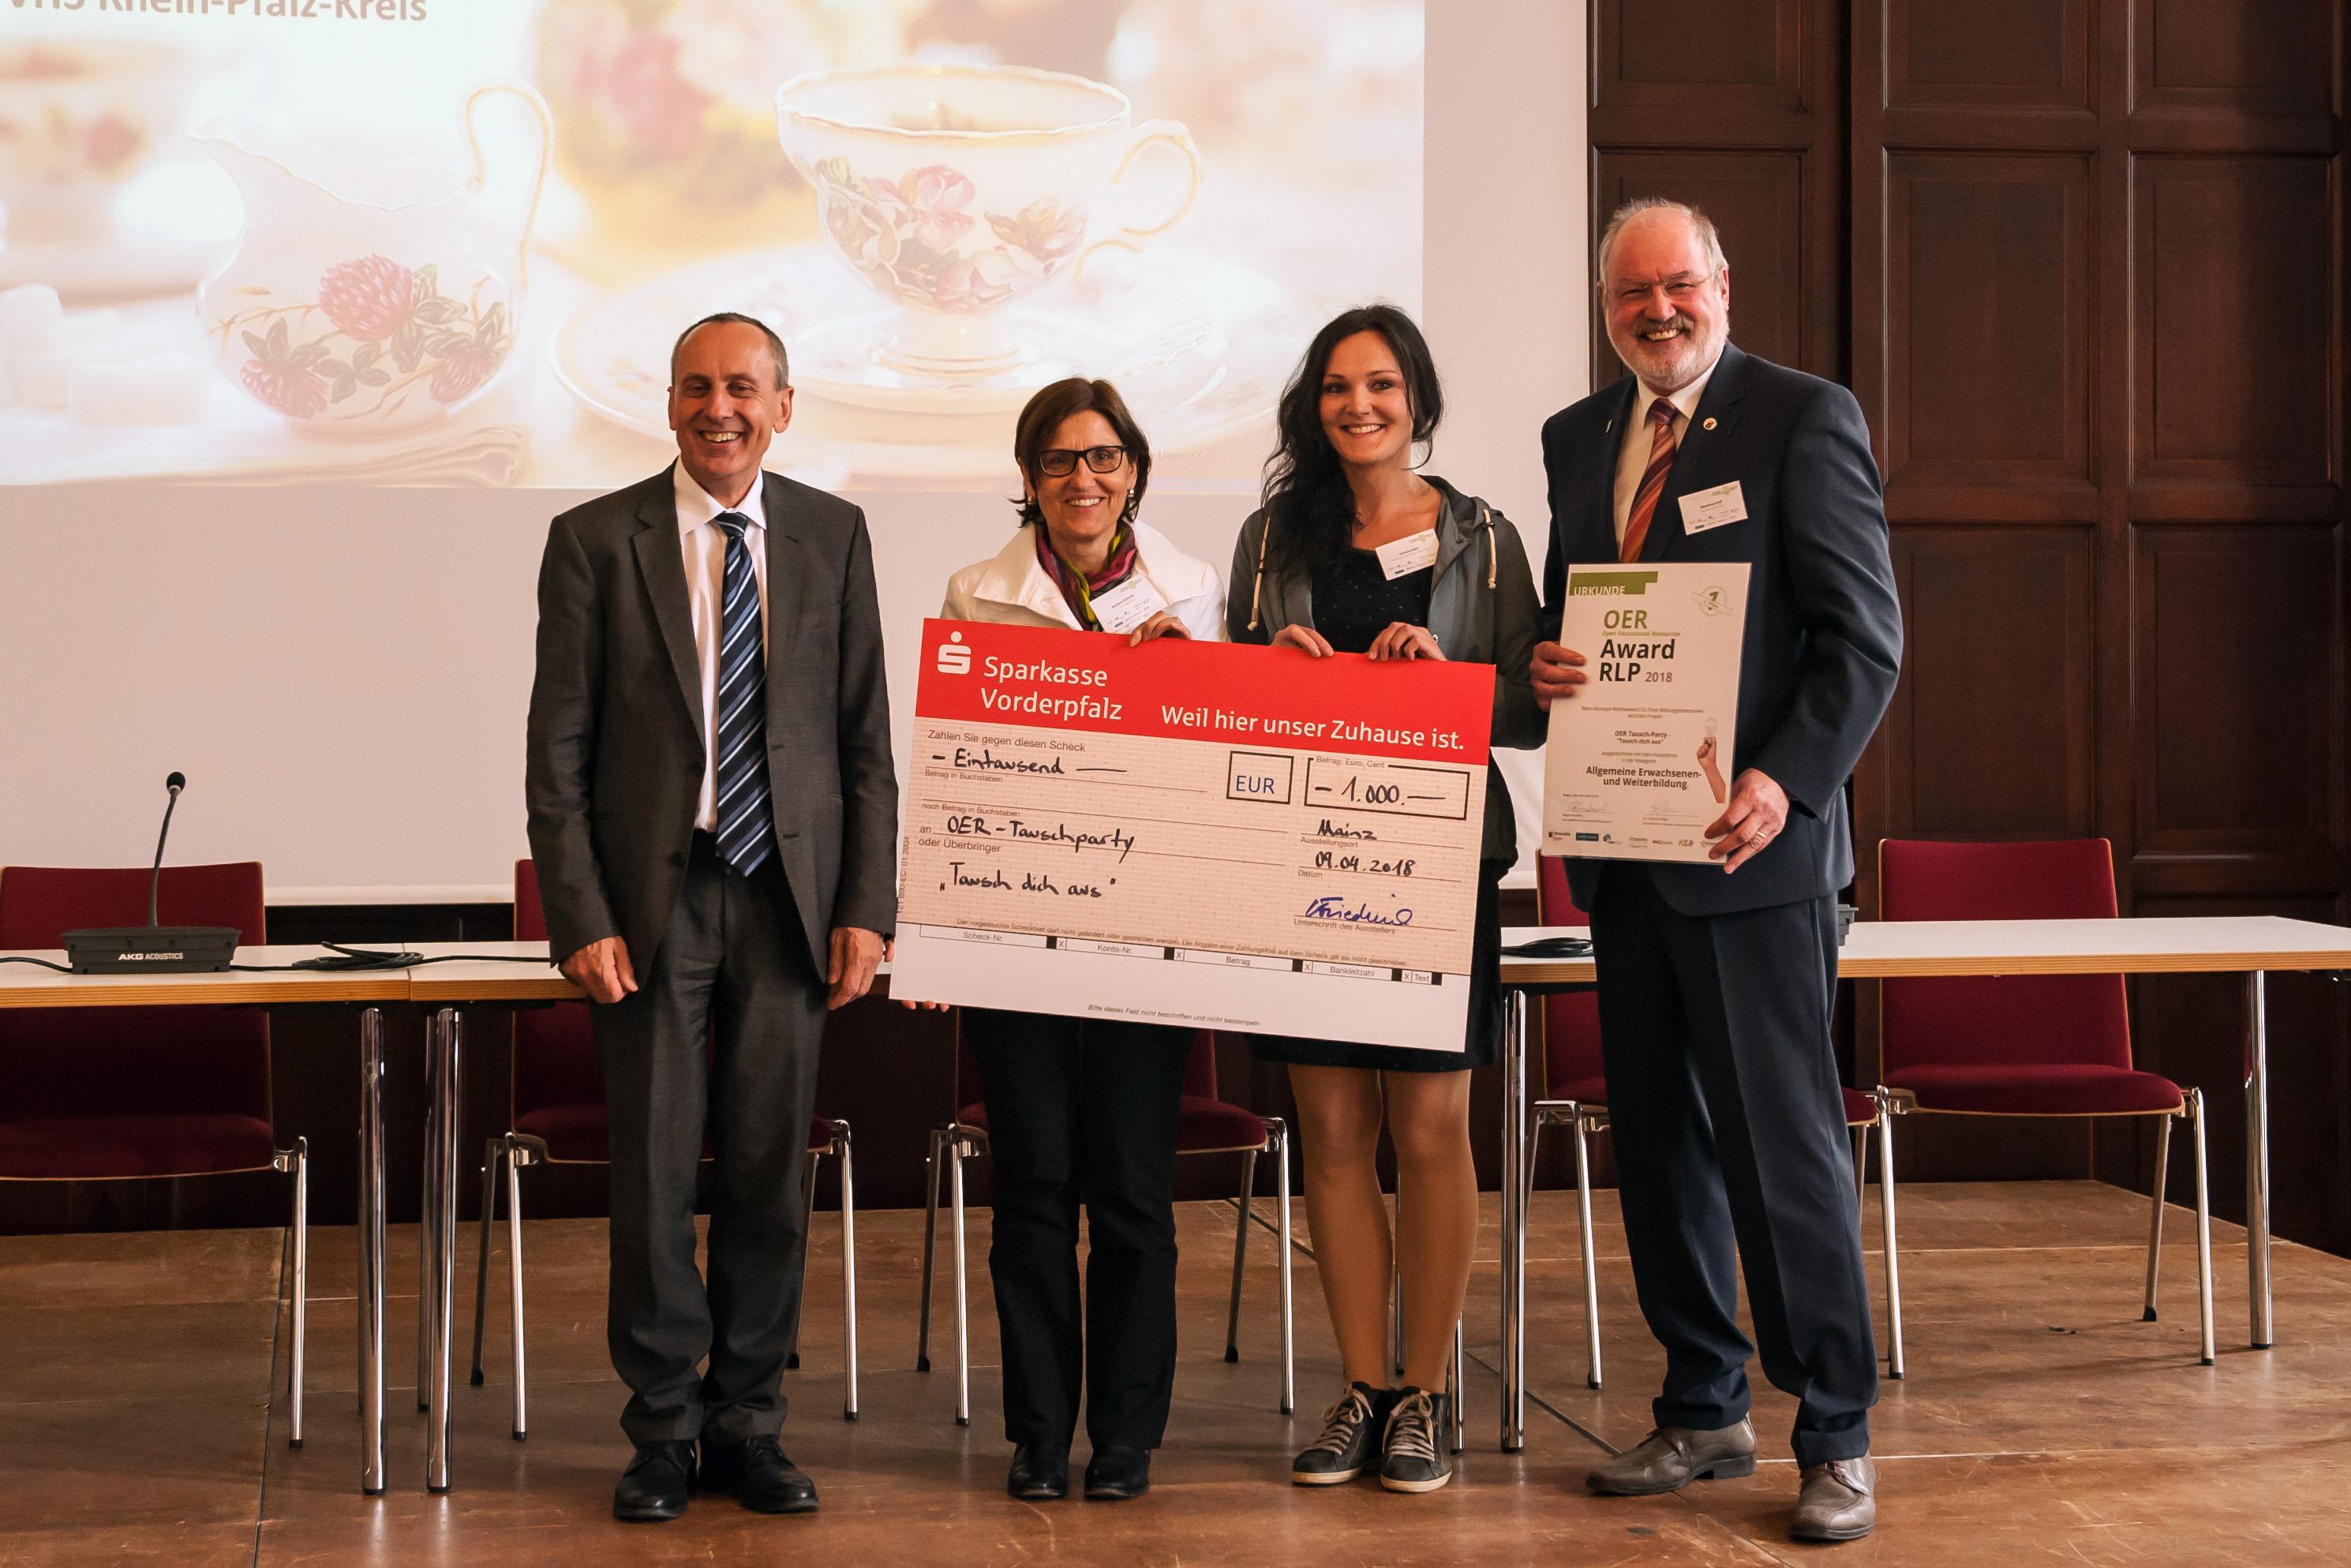 """Das Bild zeigt die Gewinnerin des OER Awards RLP 2018 im Bereich """"allgemeine Erwachsenen- und Weiterbildung"""" bei der Siegerehrung zusammen mit Minister Konrad Wolf."""